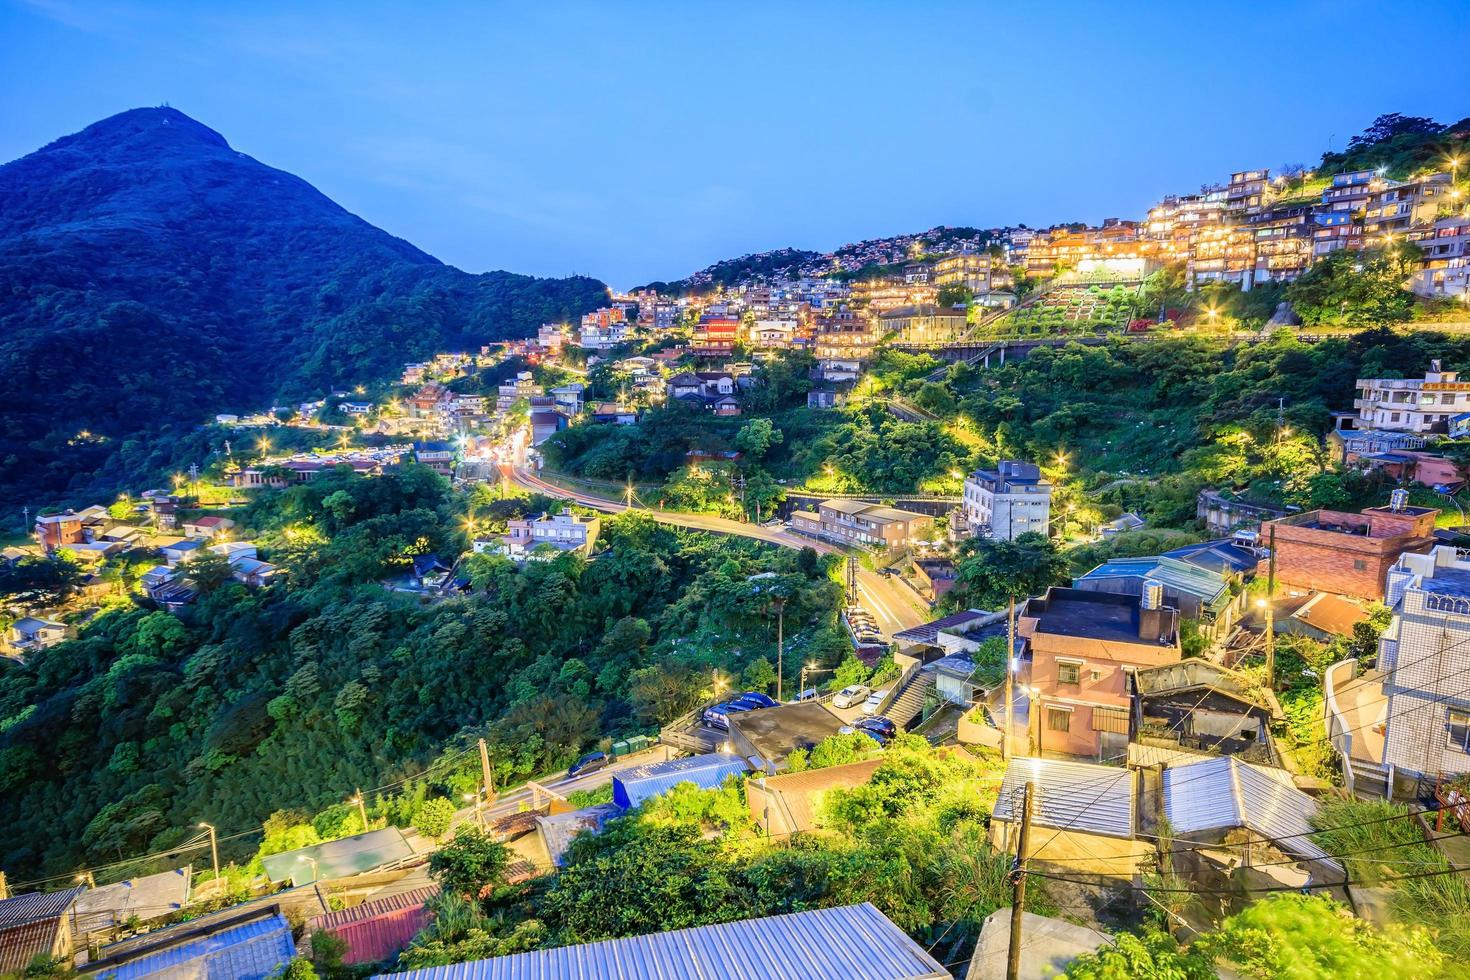 Taipei, Taiwan 2017 - Jiufen village un village de montagne à Taipei qui est célèbre pour ses maisons de thé photo